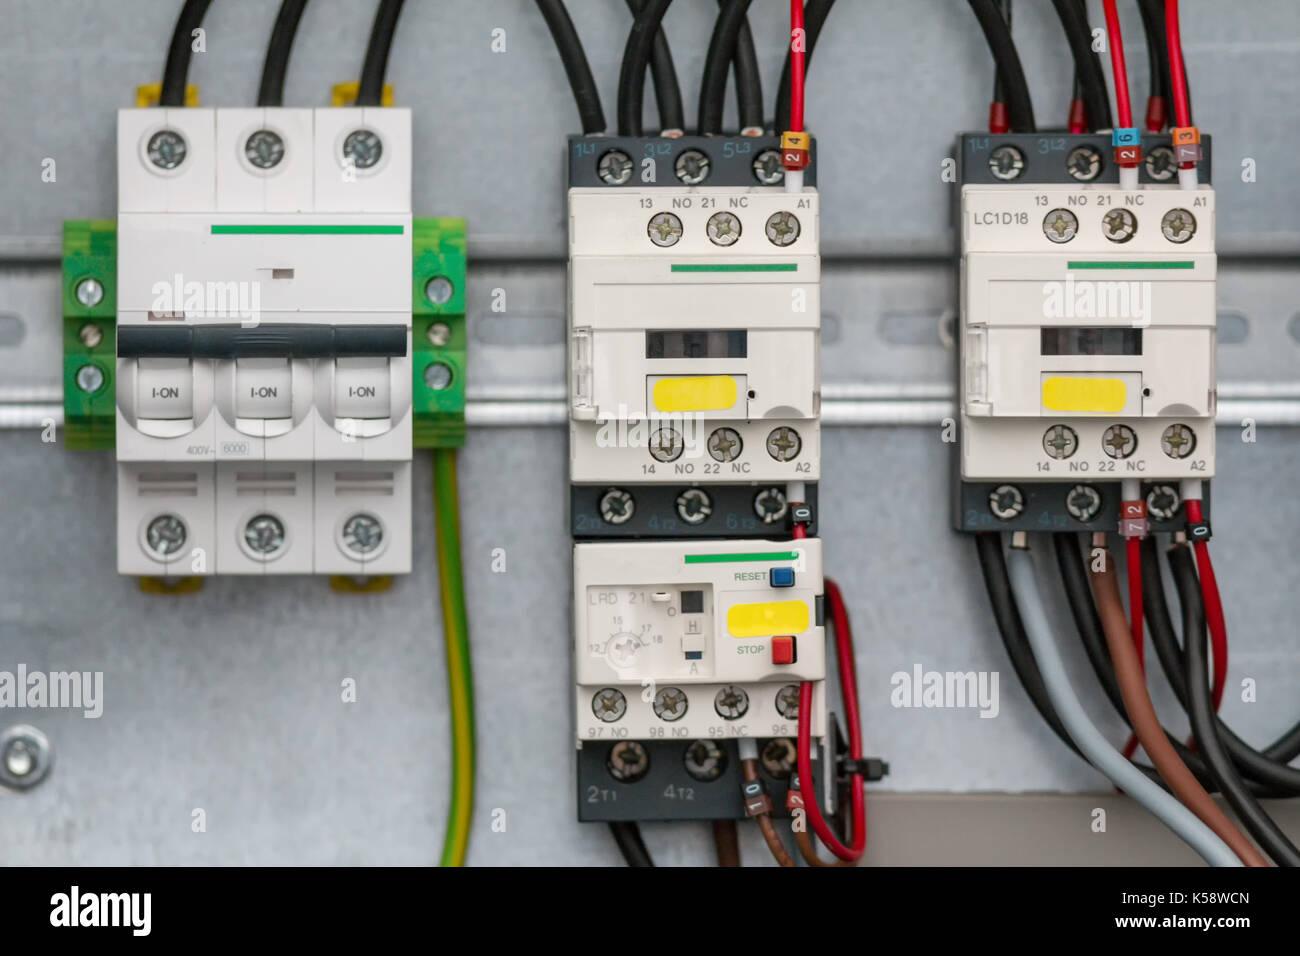 Verschiedene elektrische Detail - Transistoren oder Widerstände - Sicherheit elektronischer Geräte Stockbild